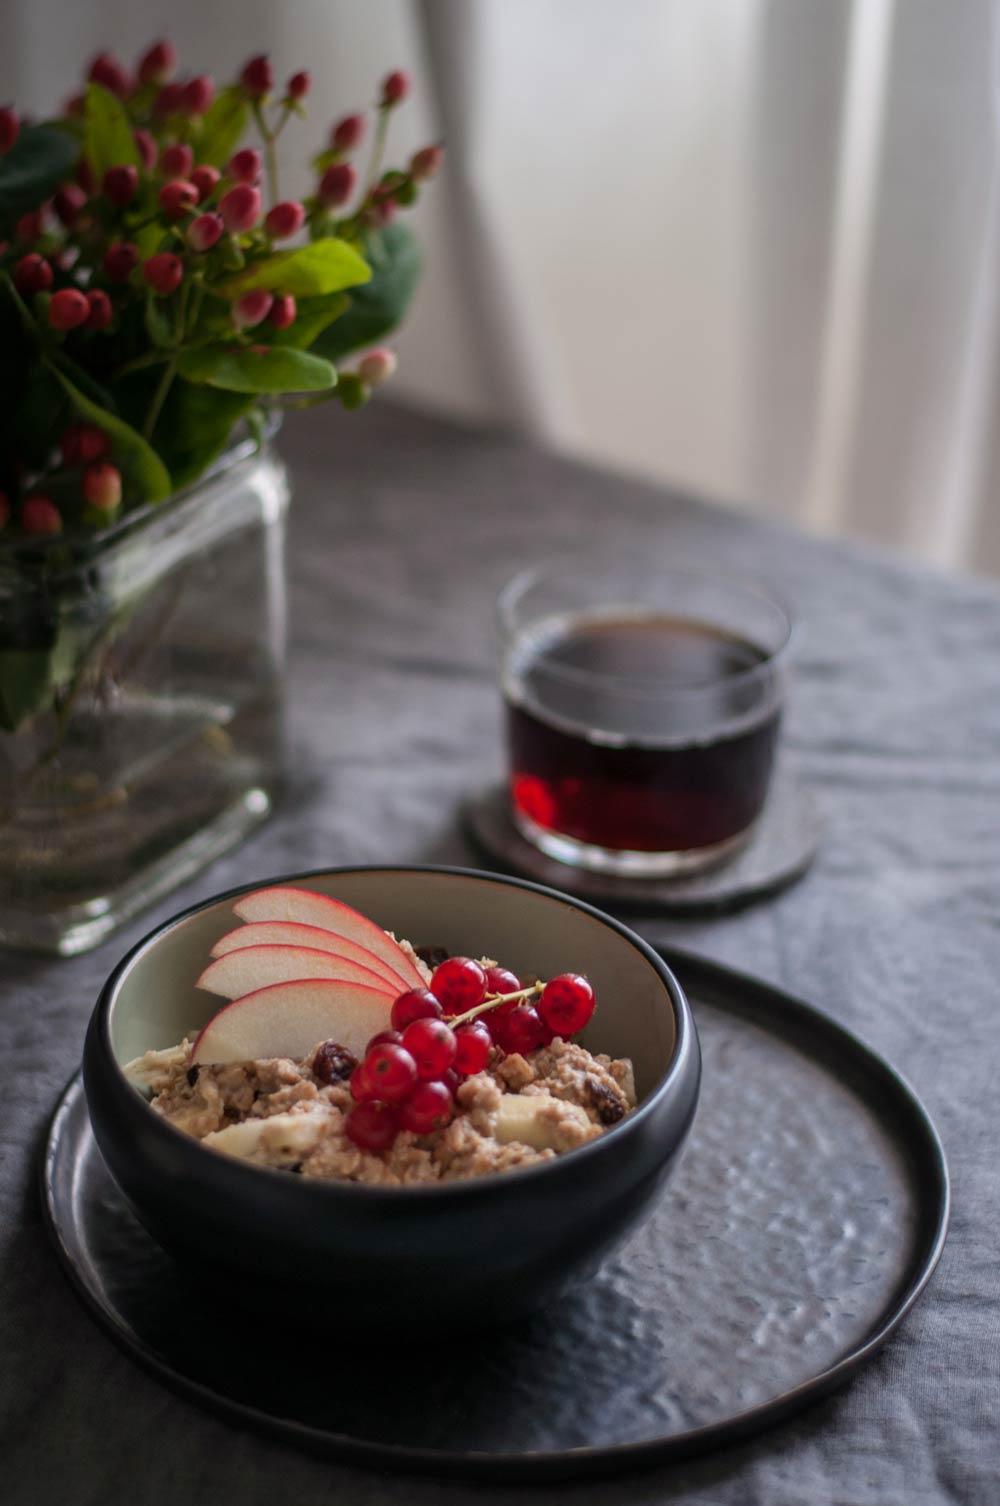 Frühstück: Bratapfel-Porridge und Kaffee. hamburgvoninnen.de